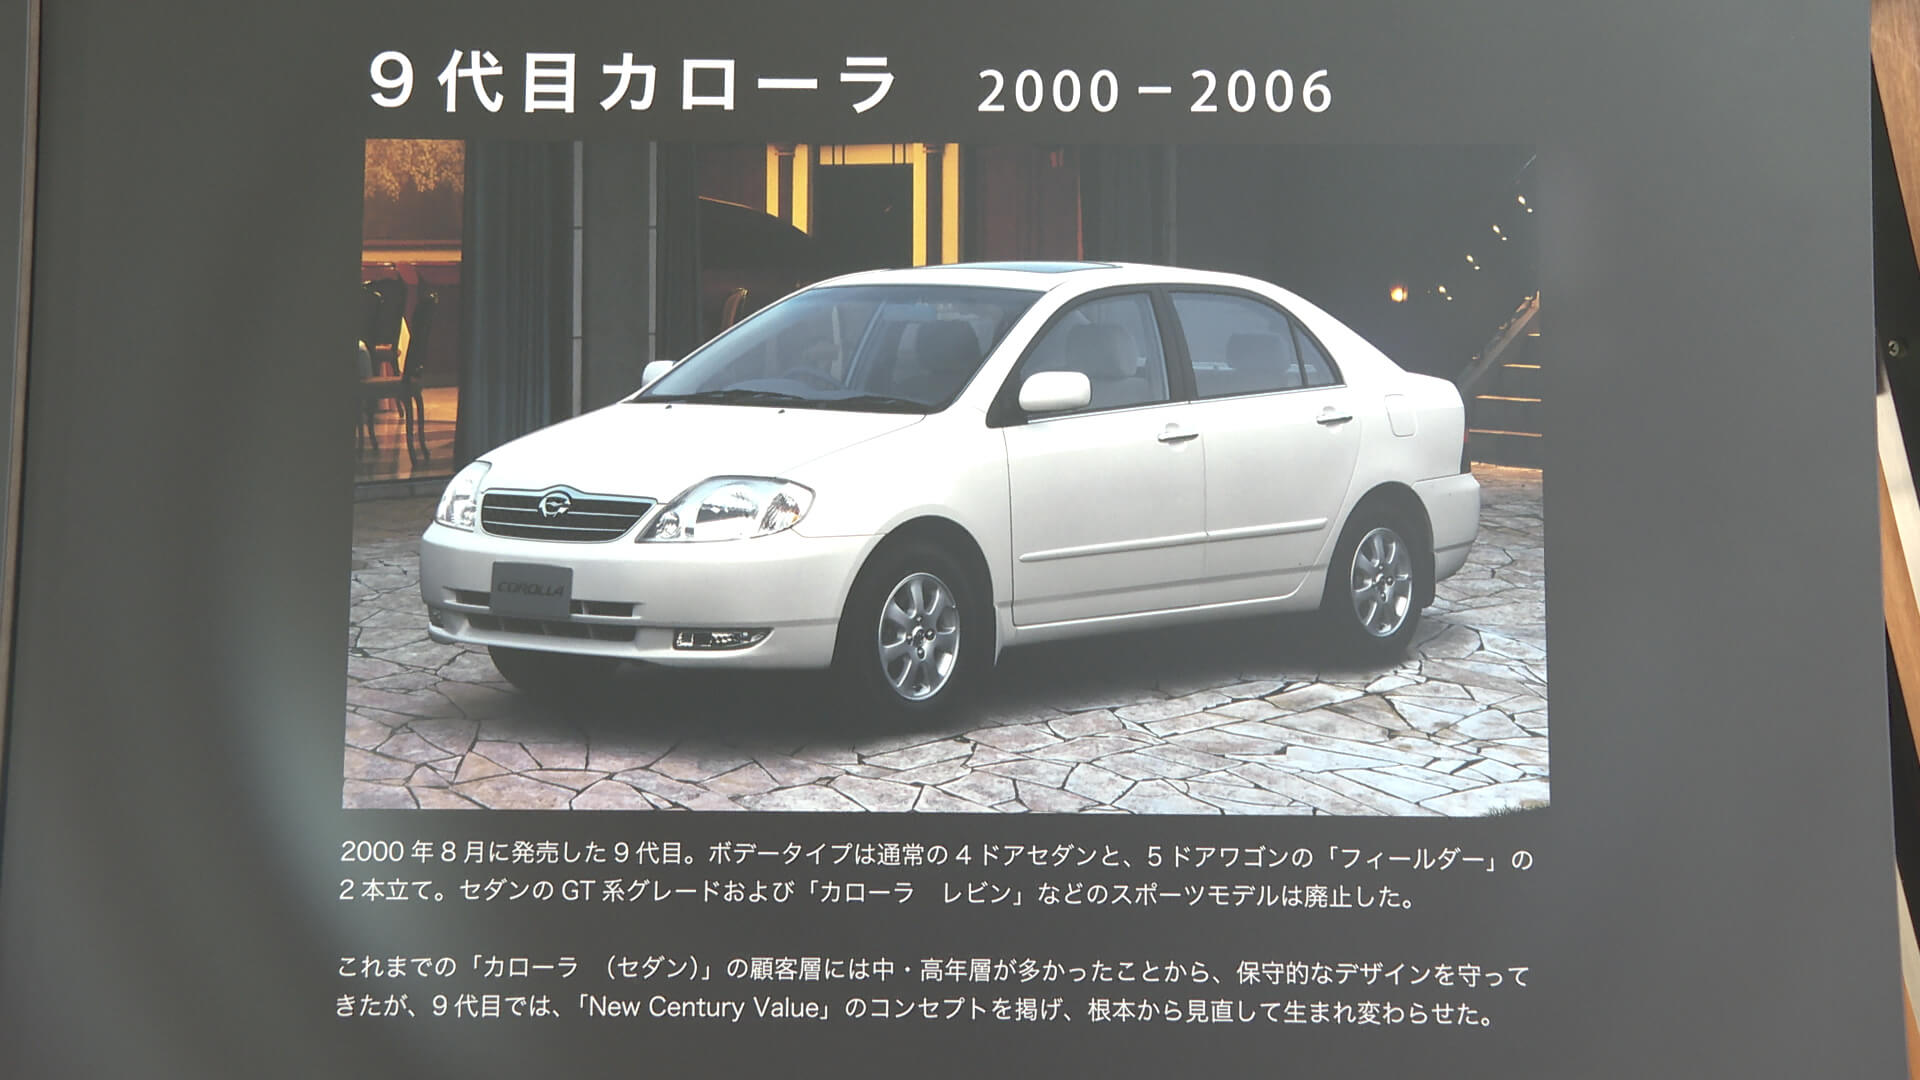 トヨタ 9代目カローラ(2000年~2005年)